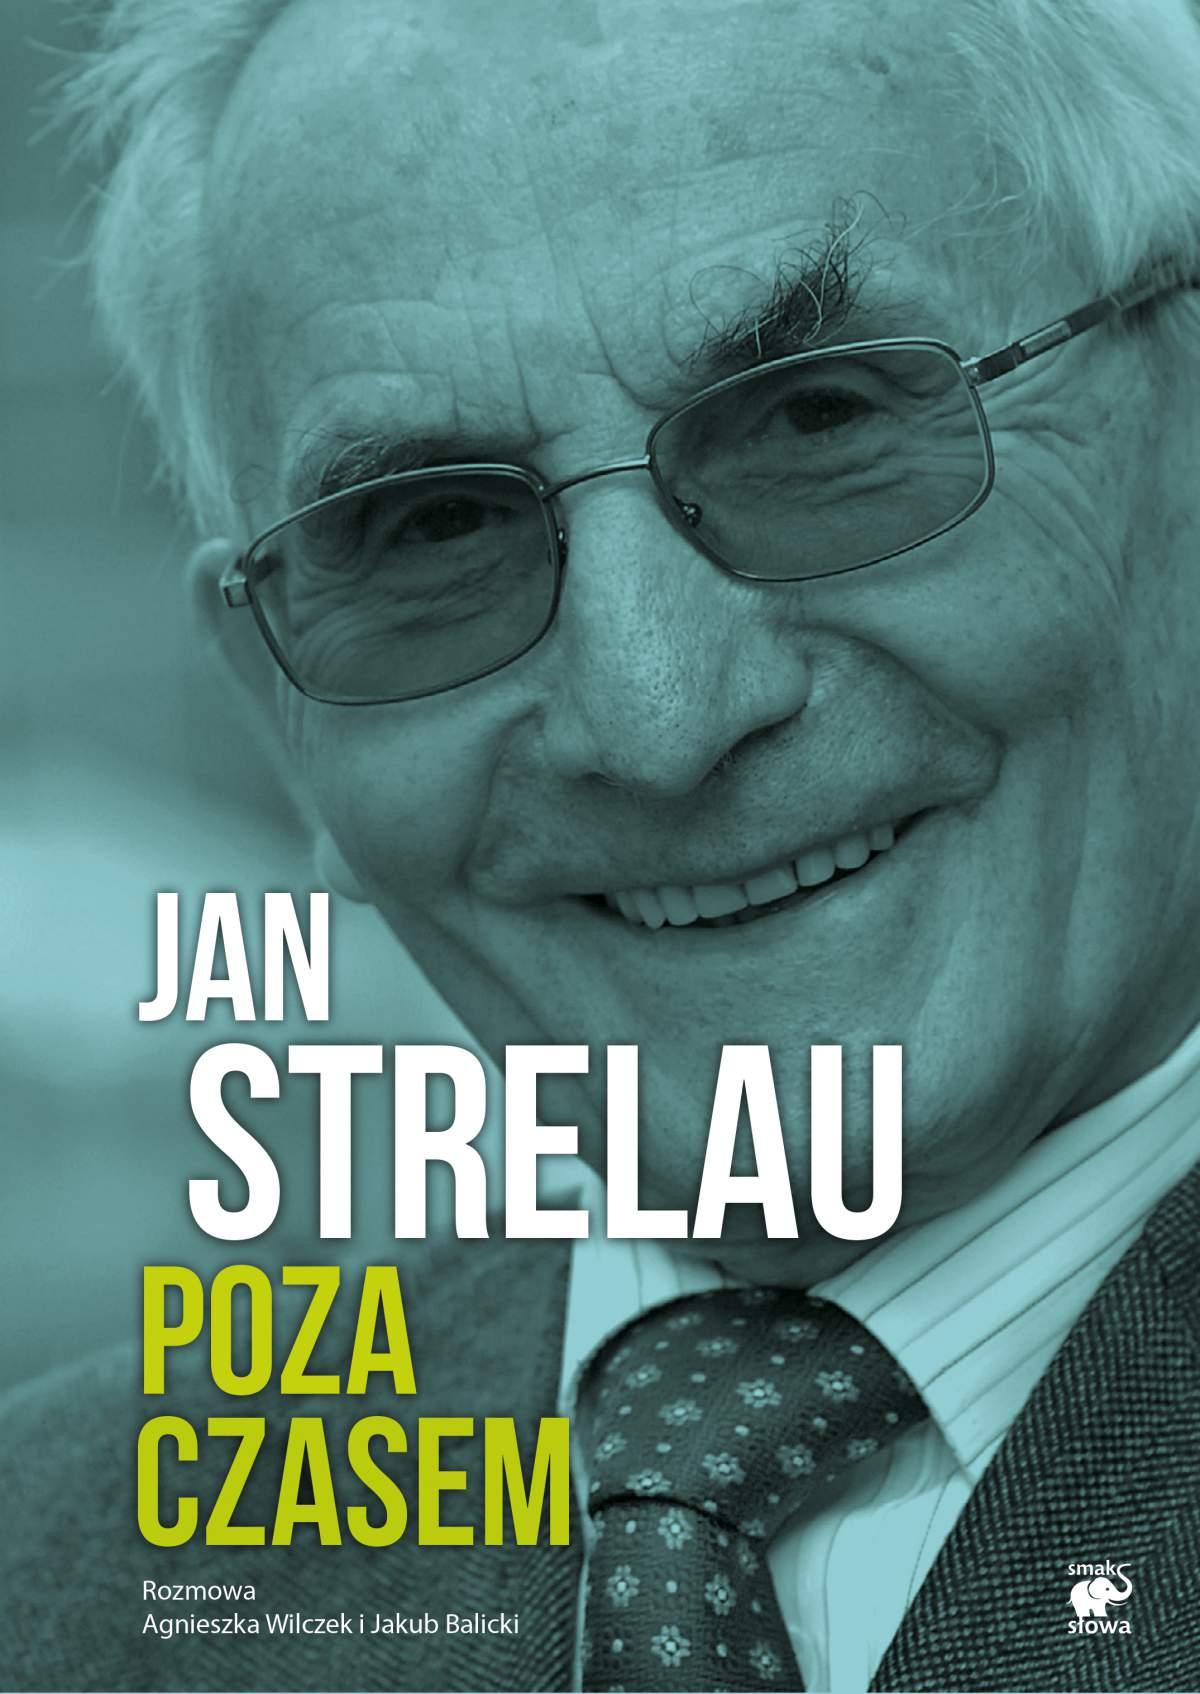 Jan Strelau. Poza czasem - Ebook (Książka EPUB) do pobrania w formacie EPUB